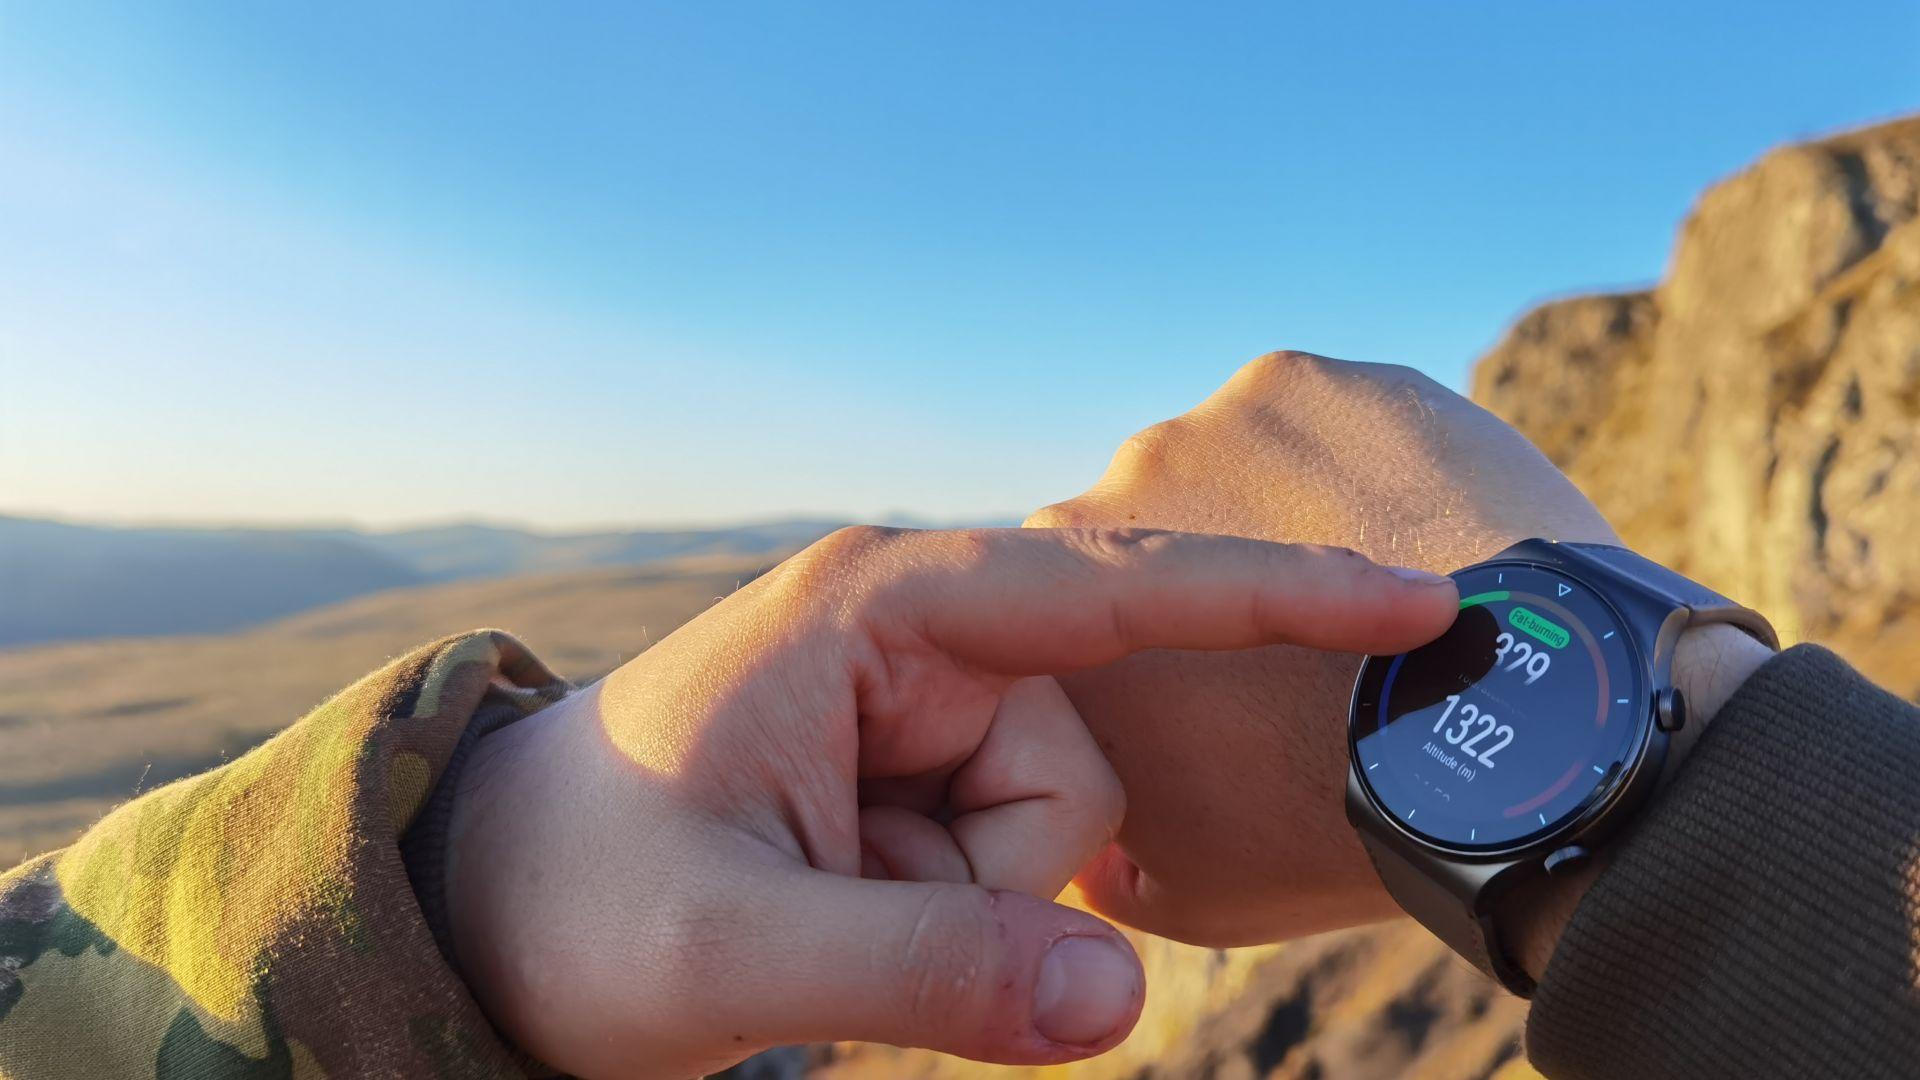 Умните часовници полагат за поддържането на по-здравословен режим